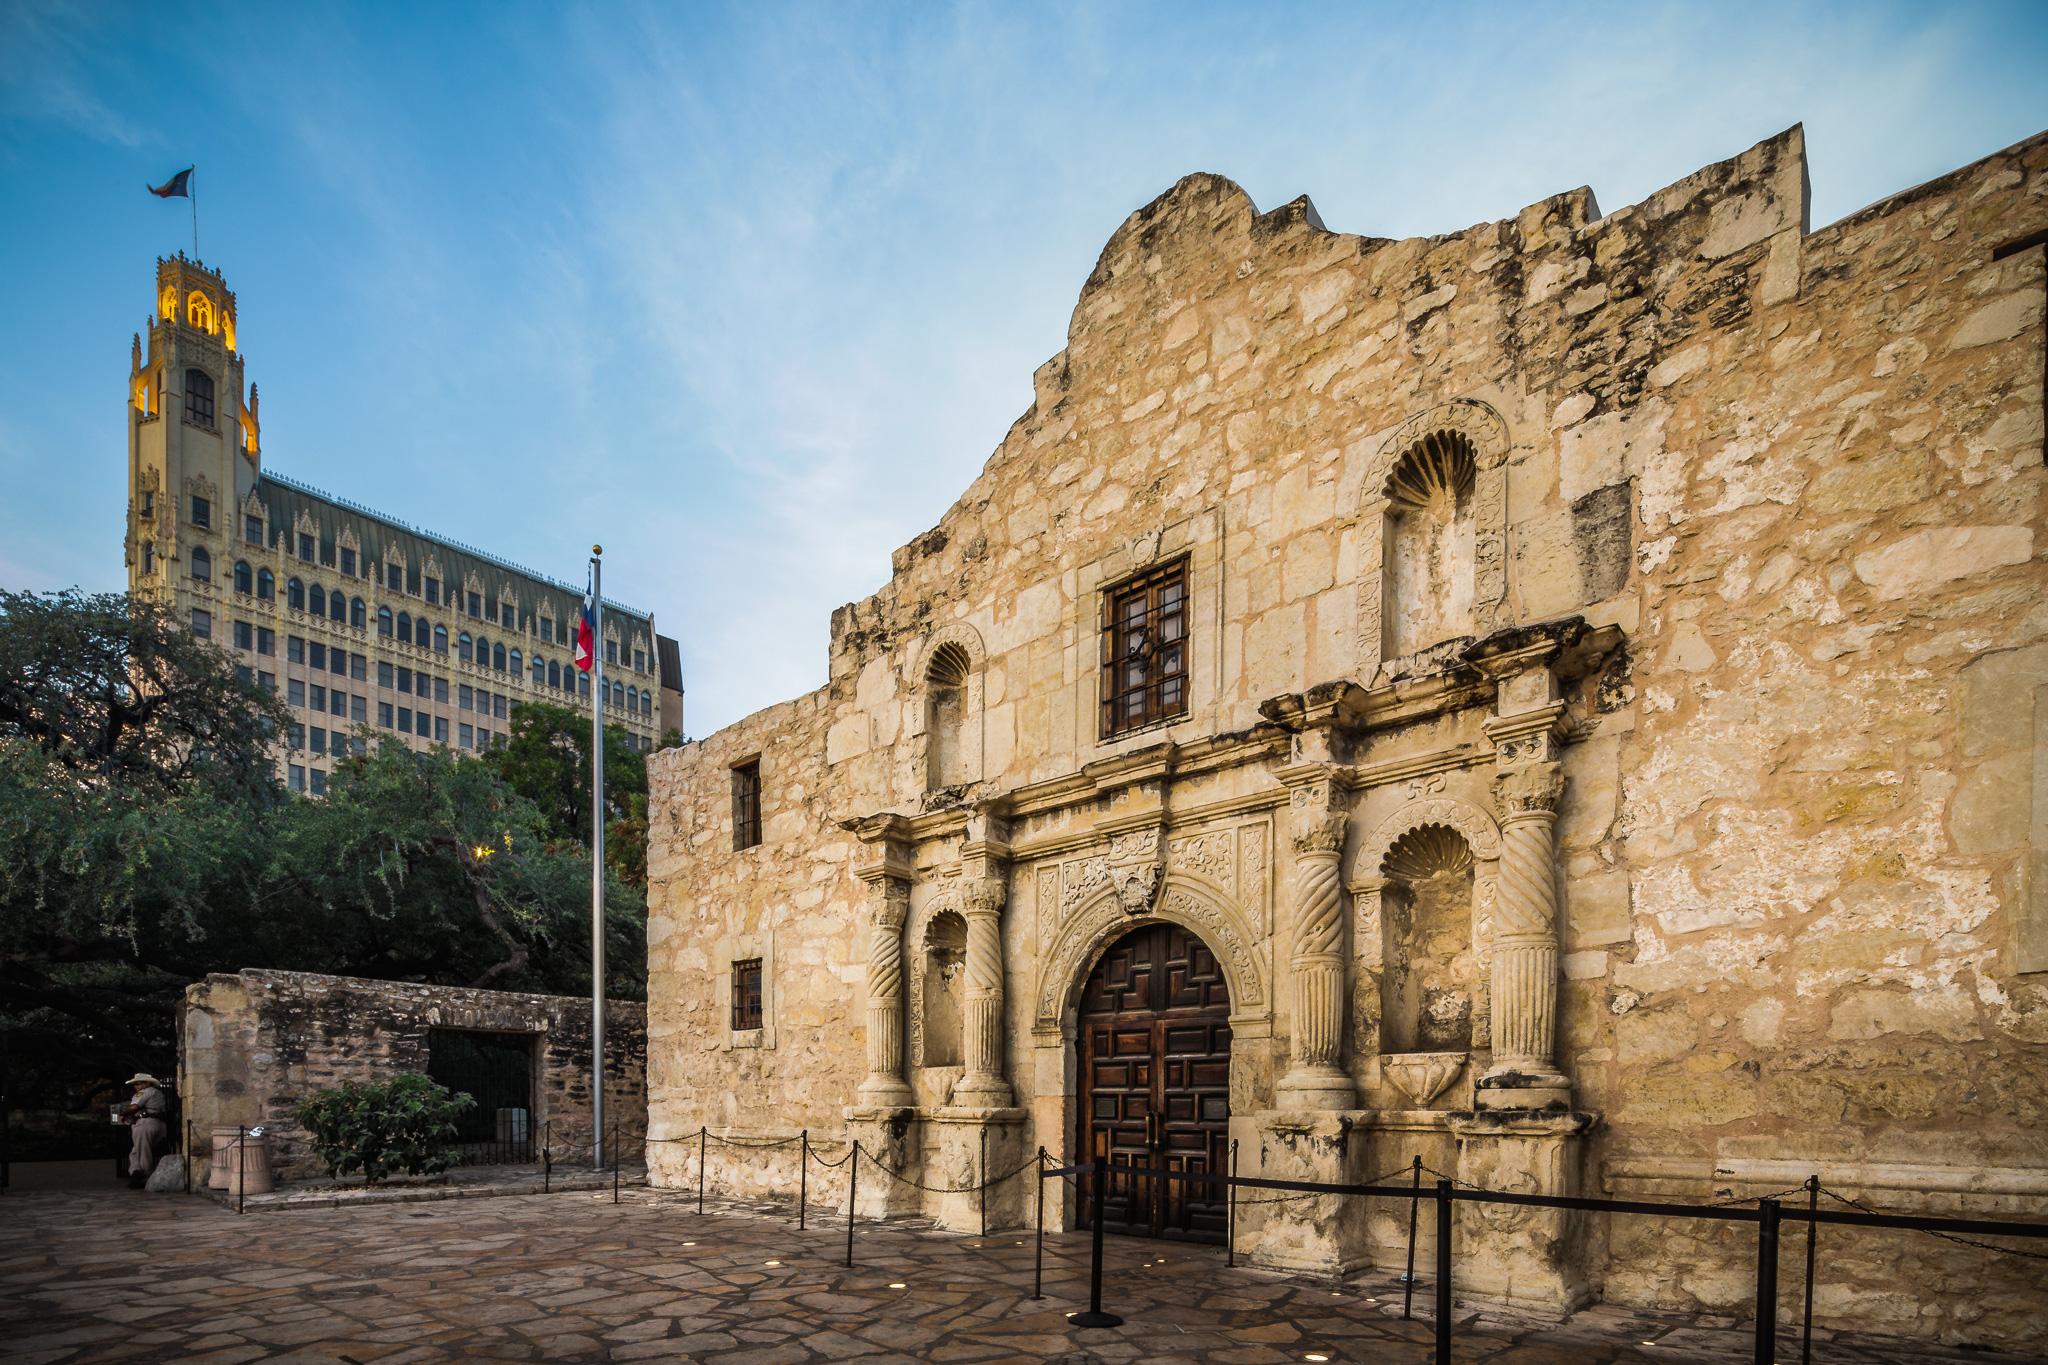 """"""" La Segunda Compañía Volante de San Carlos del pueblo del Alamo """" - The Alamo"""